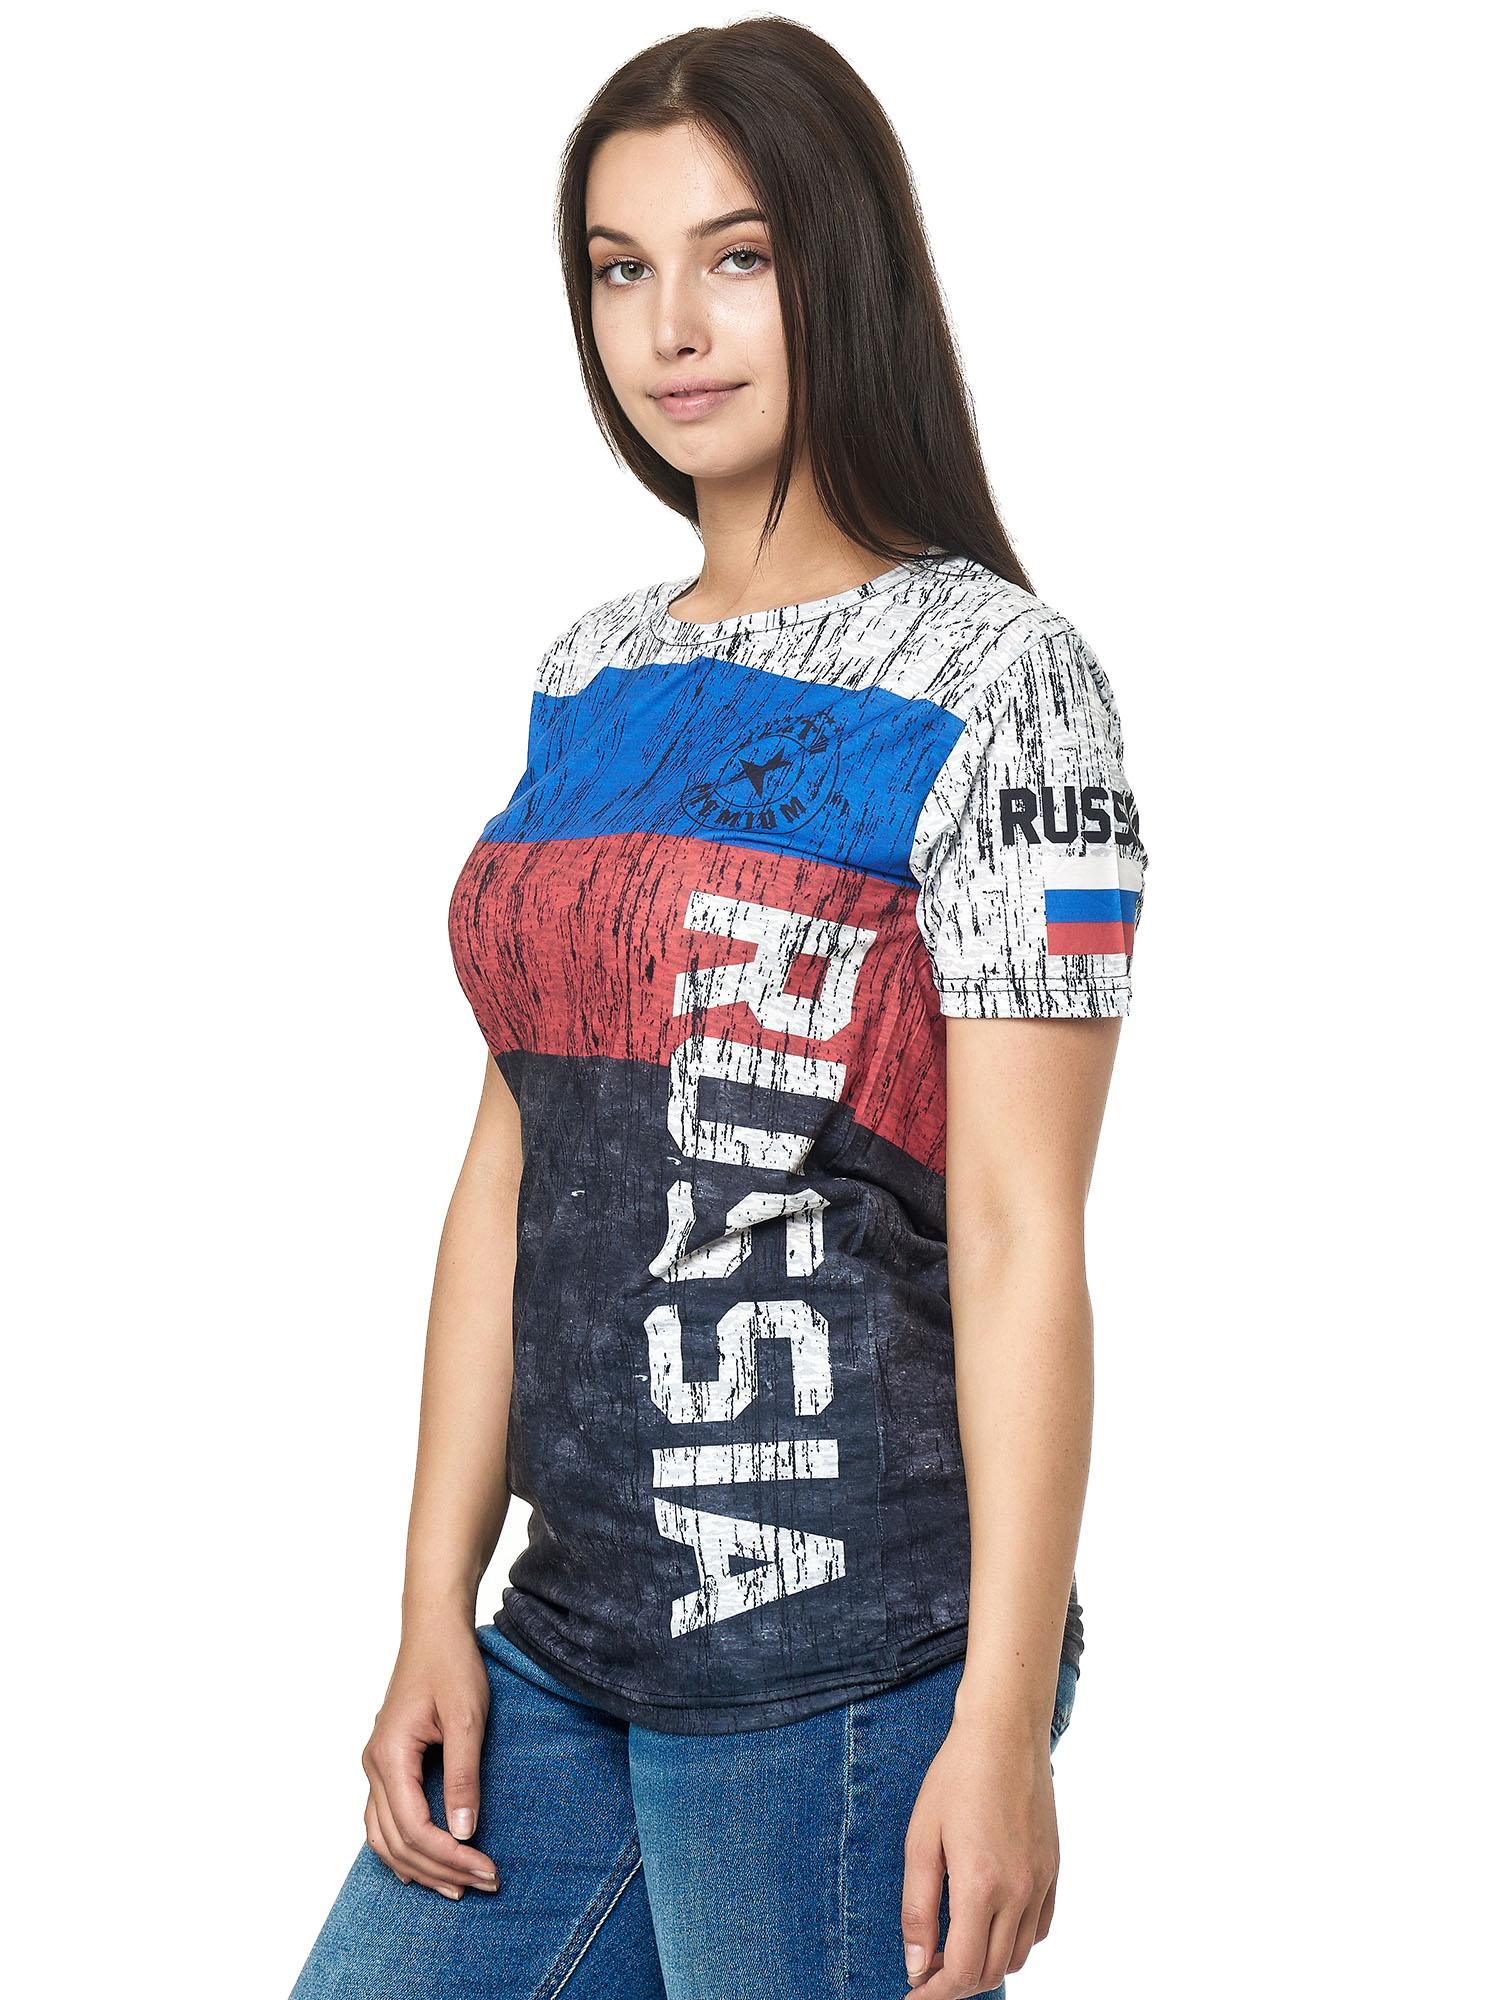 Paesi-da-Donna-T-shirt-A-Maniche-Corte-Girocollo-donne-CALCIO-Fanshirt-John-Kayna miniatura 97